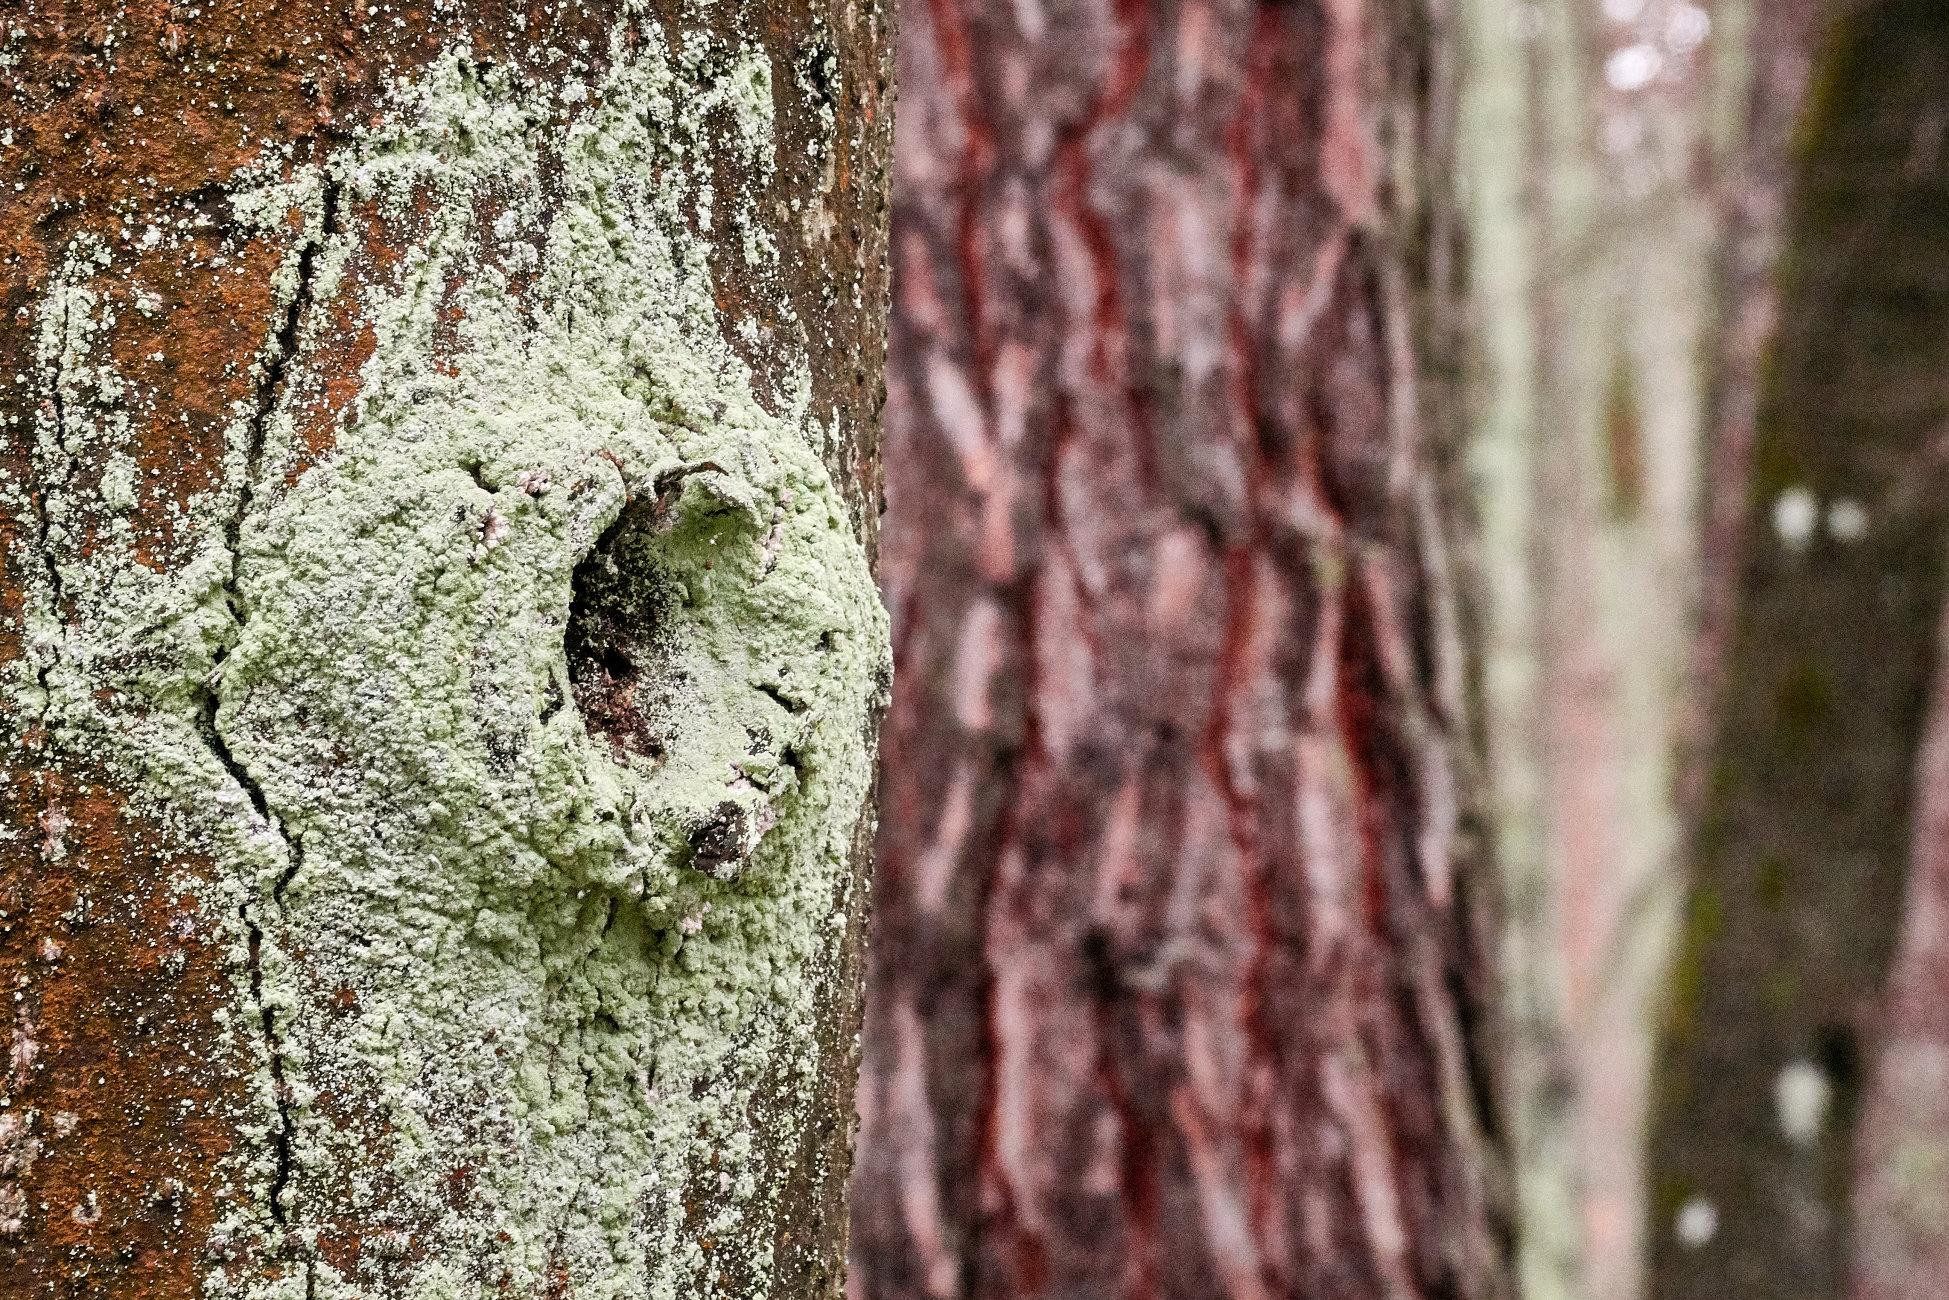 On the tree bark